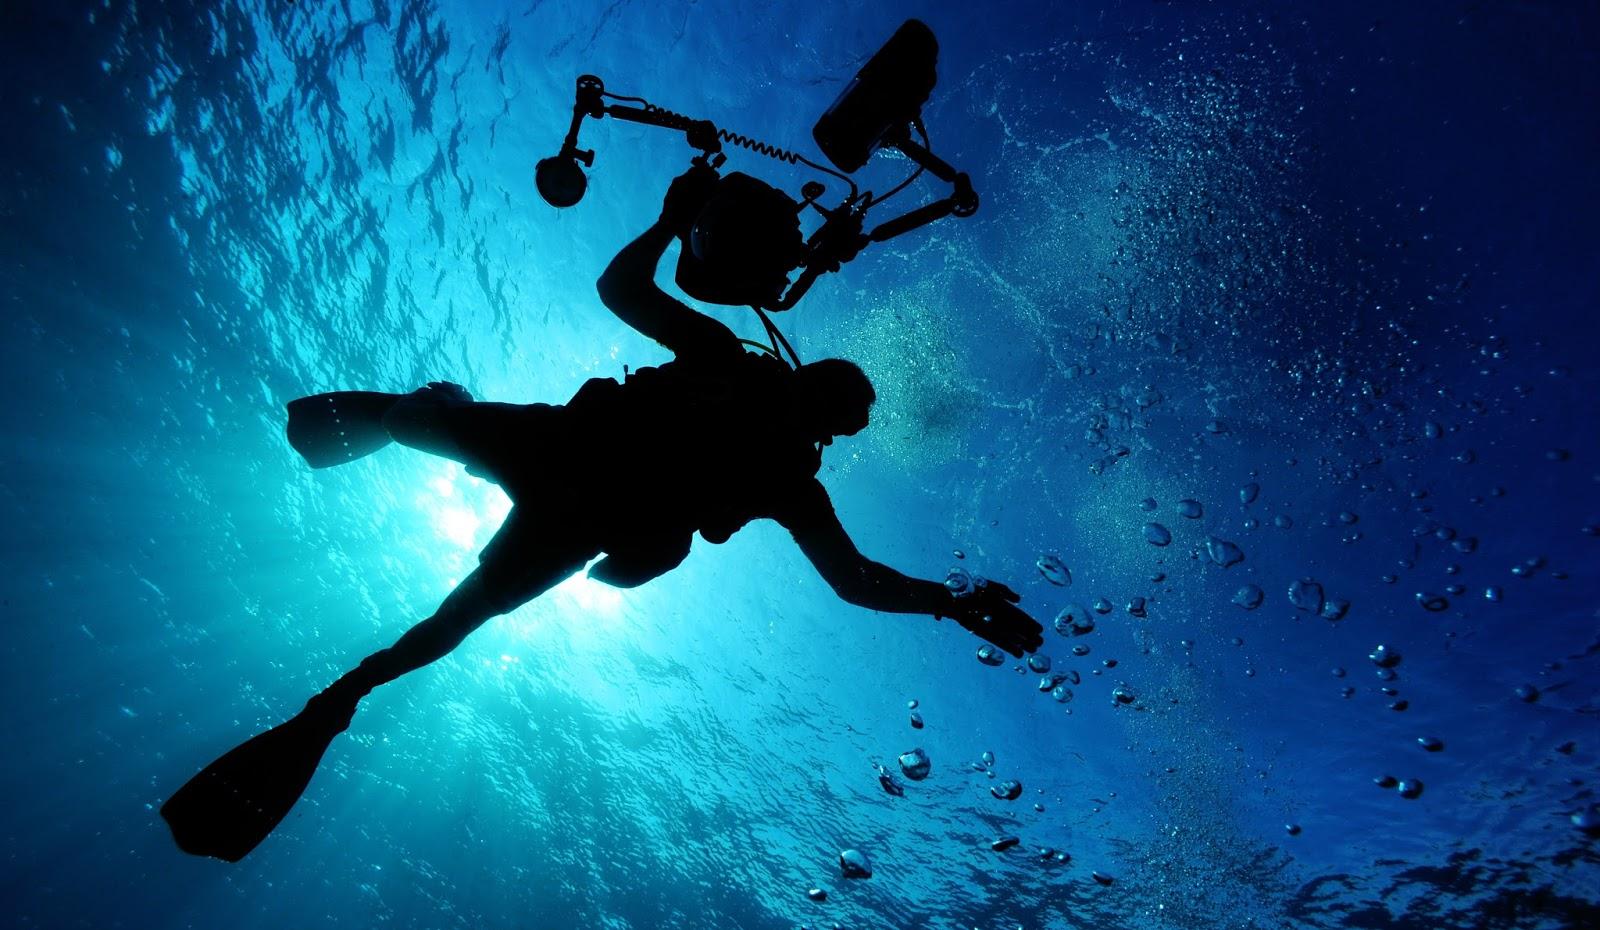 沖繩-沖繩潛水-沖繩浮潛-青之洞窟-真榮田岬-推薦-潛點-Okinawa-scuba-diving-snorkeling